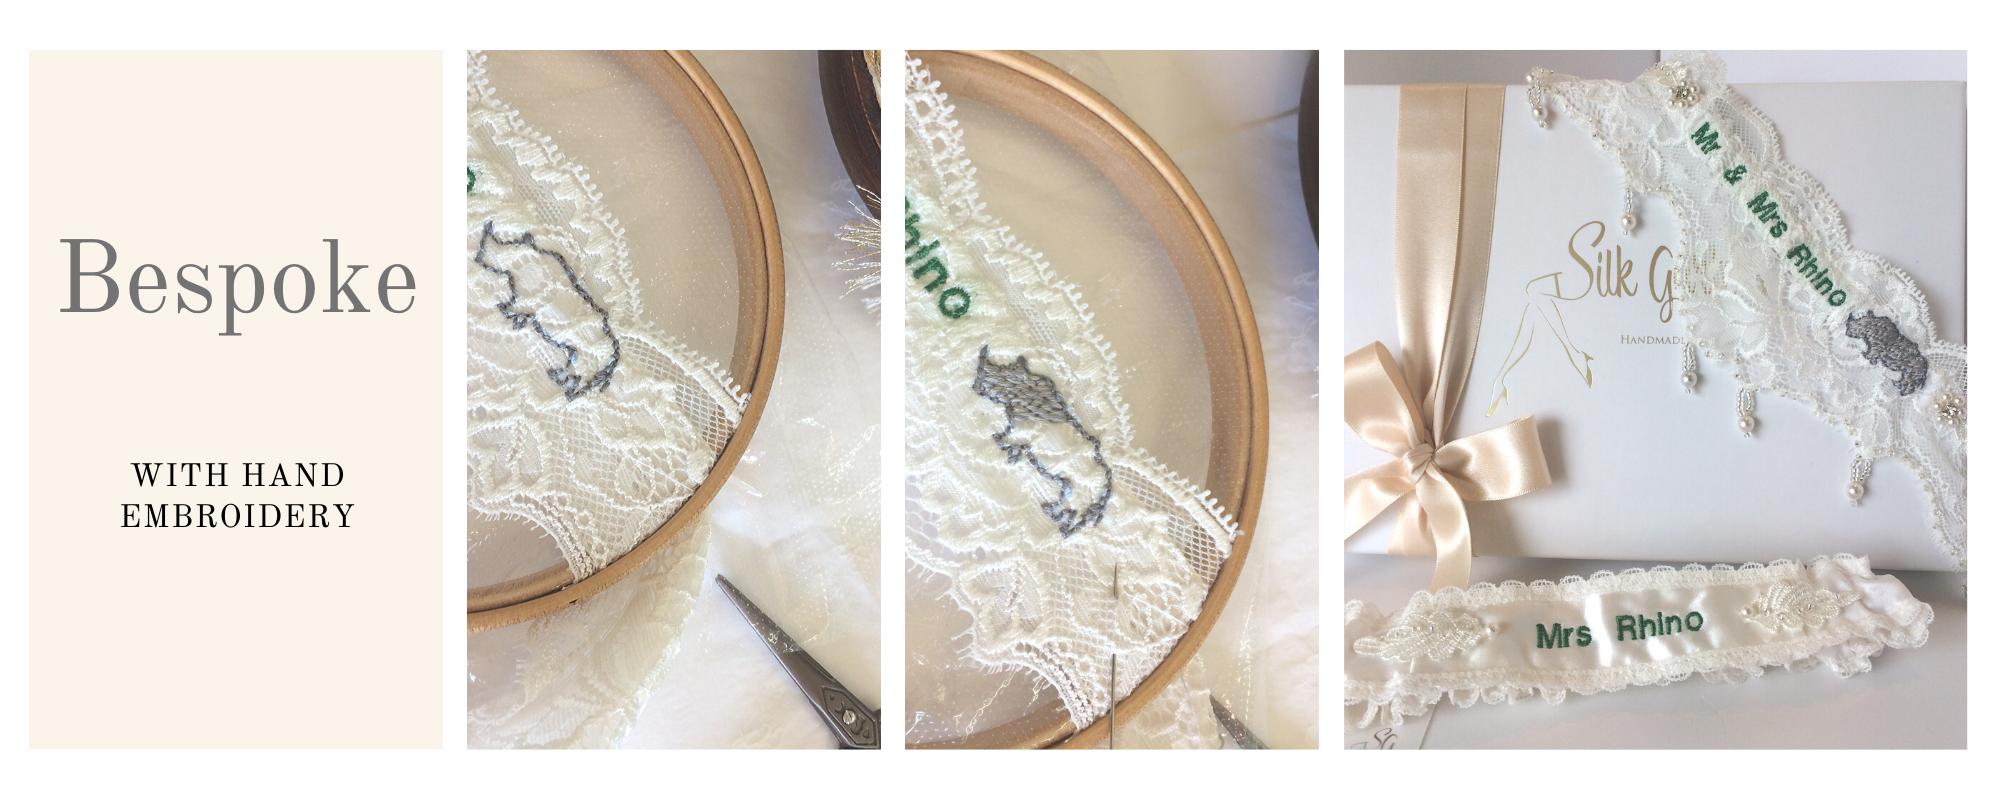 Bespoke wedding garters